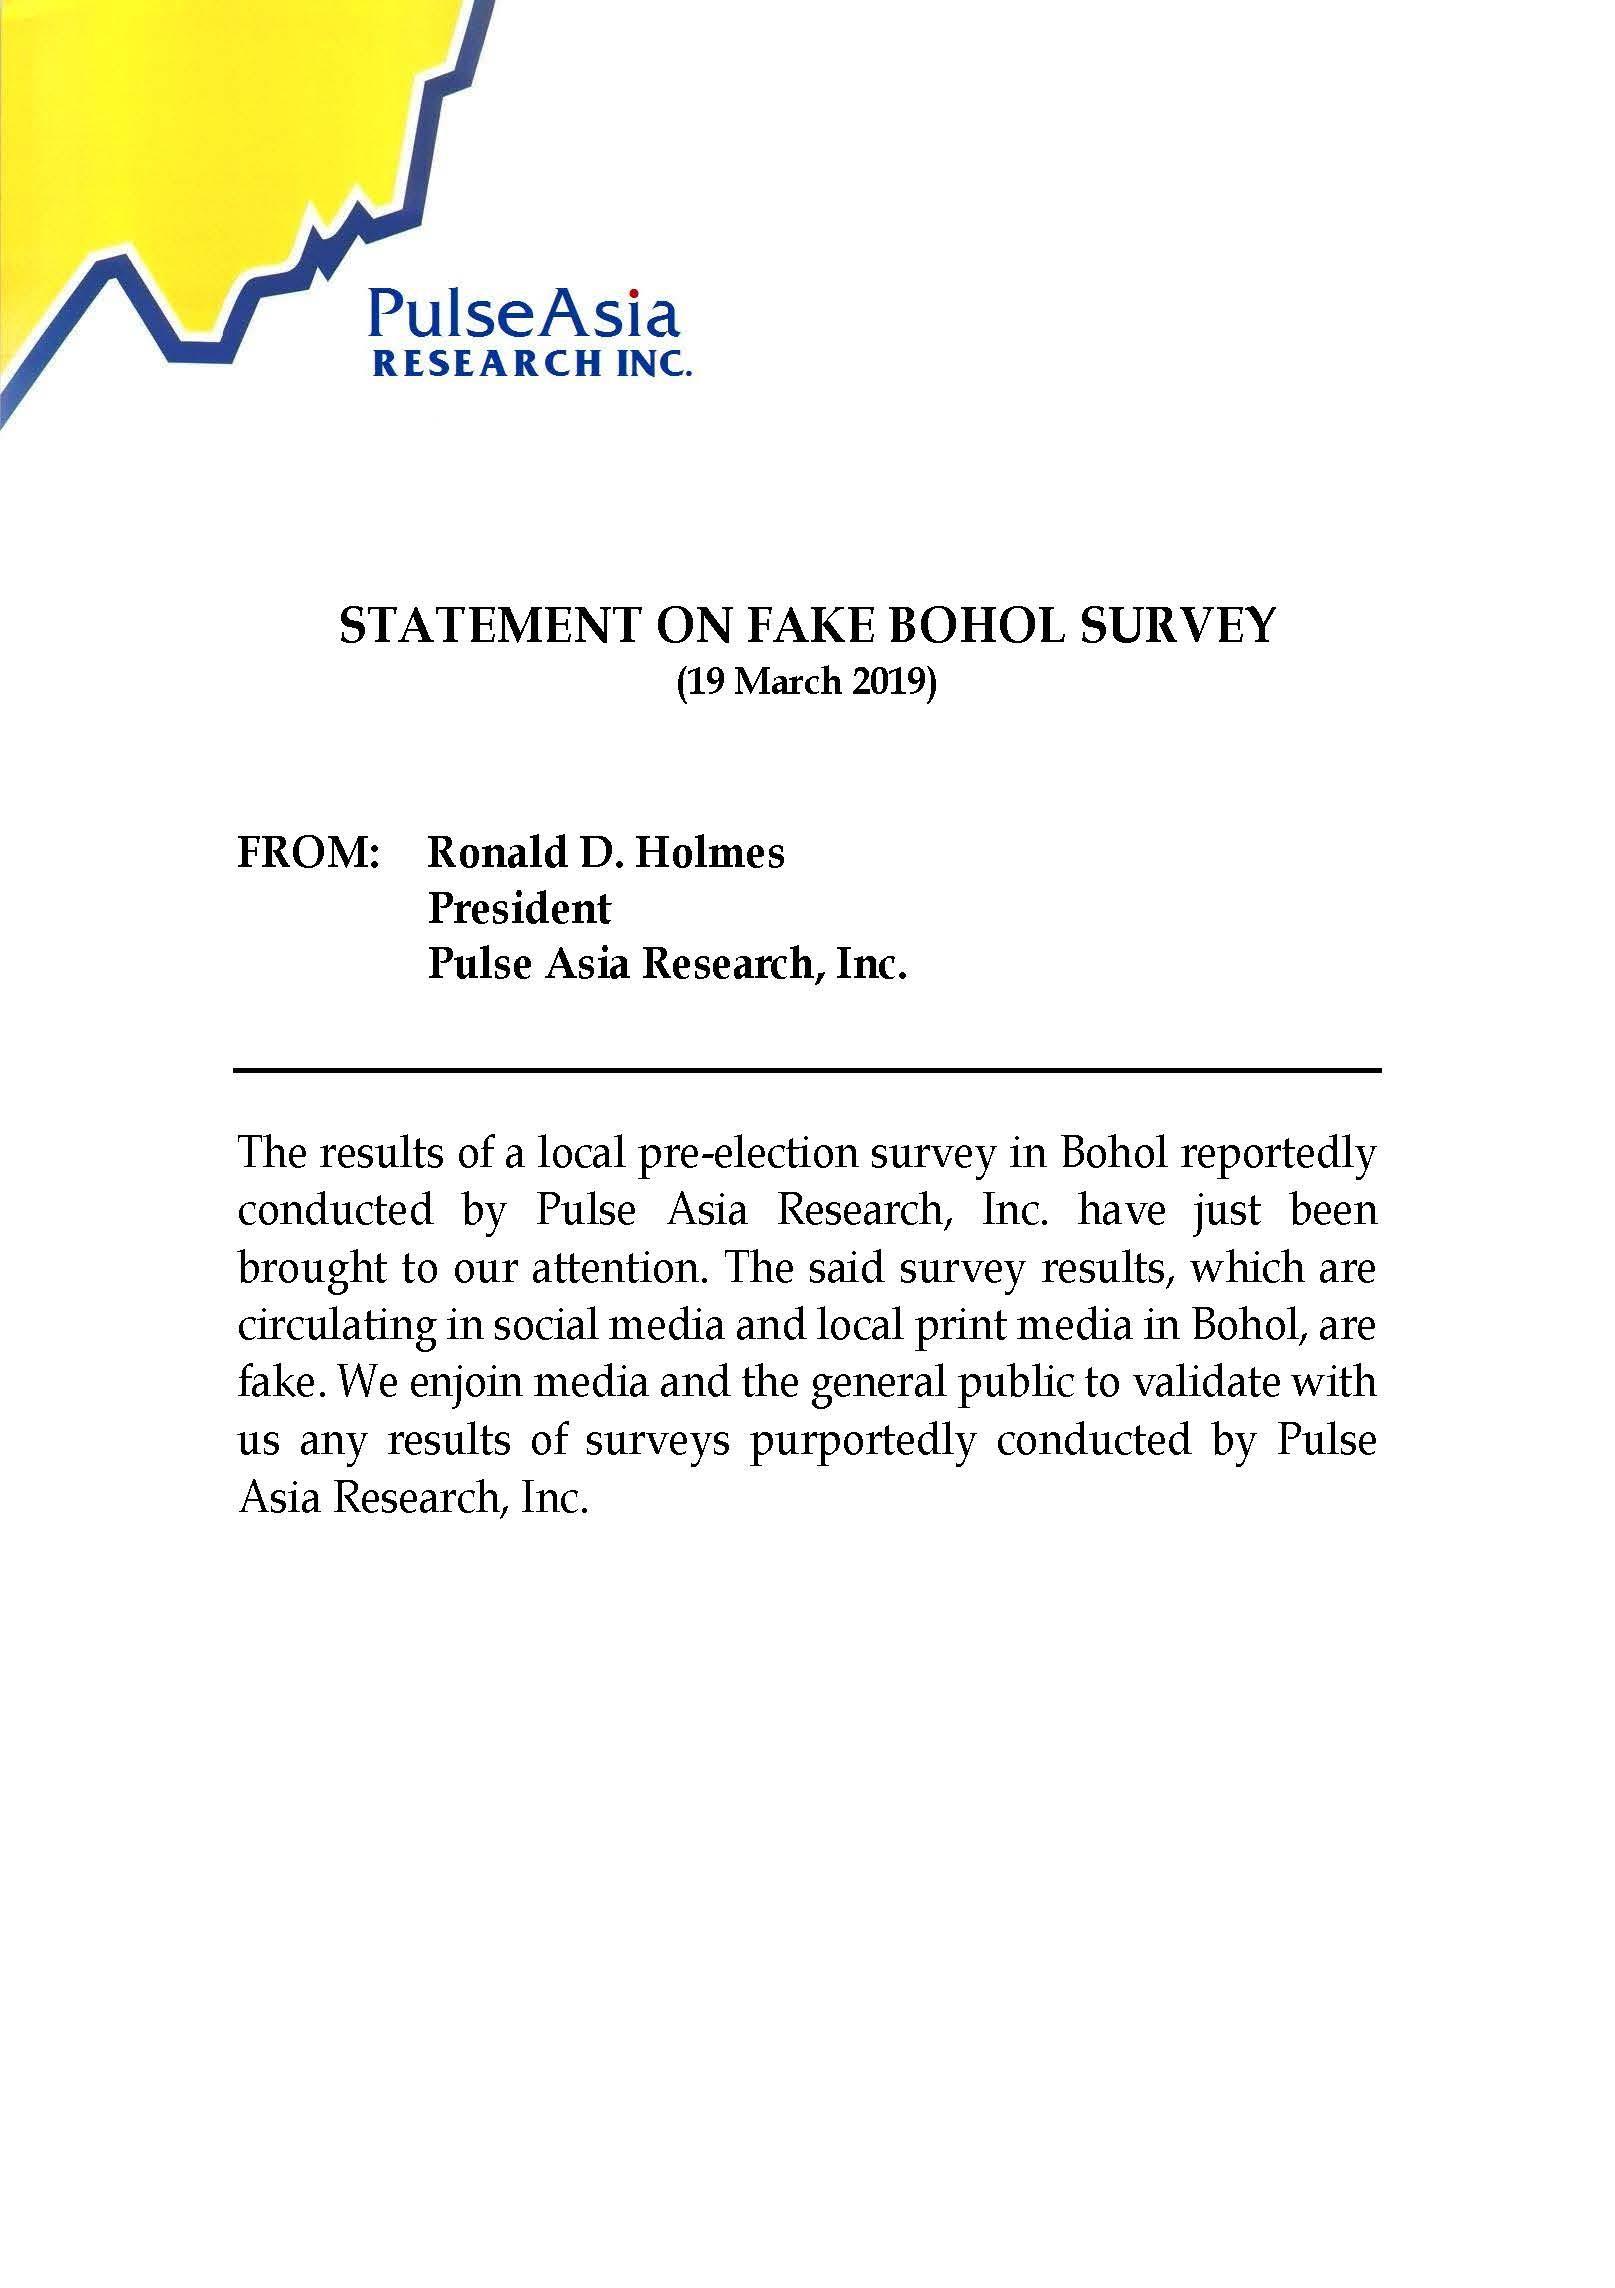 Statement on fake Bohol survey